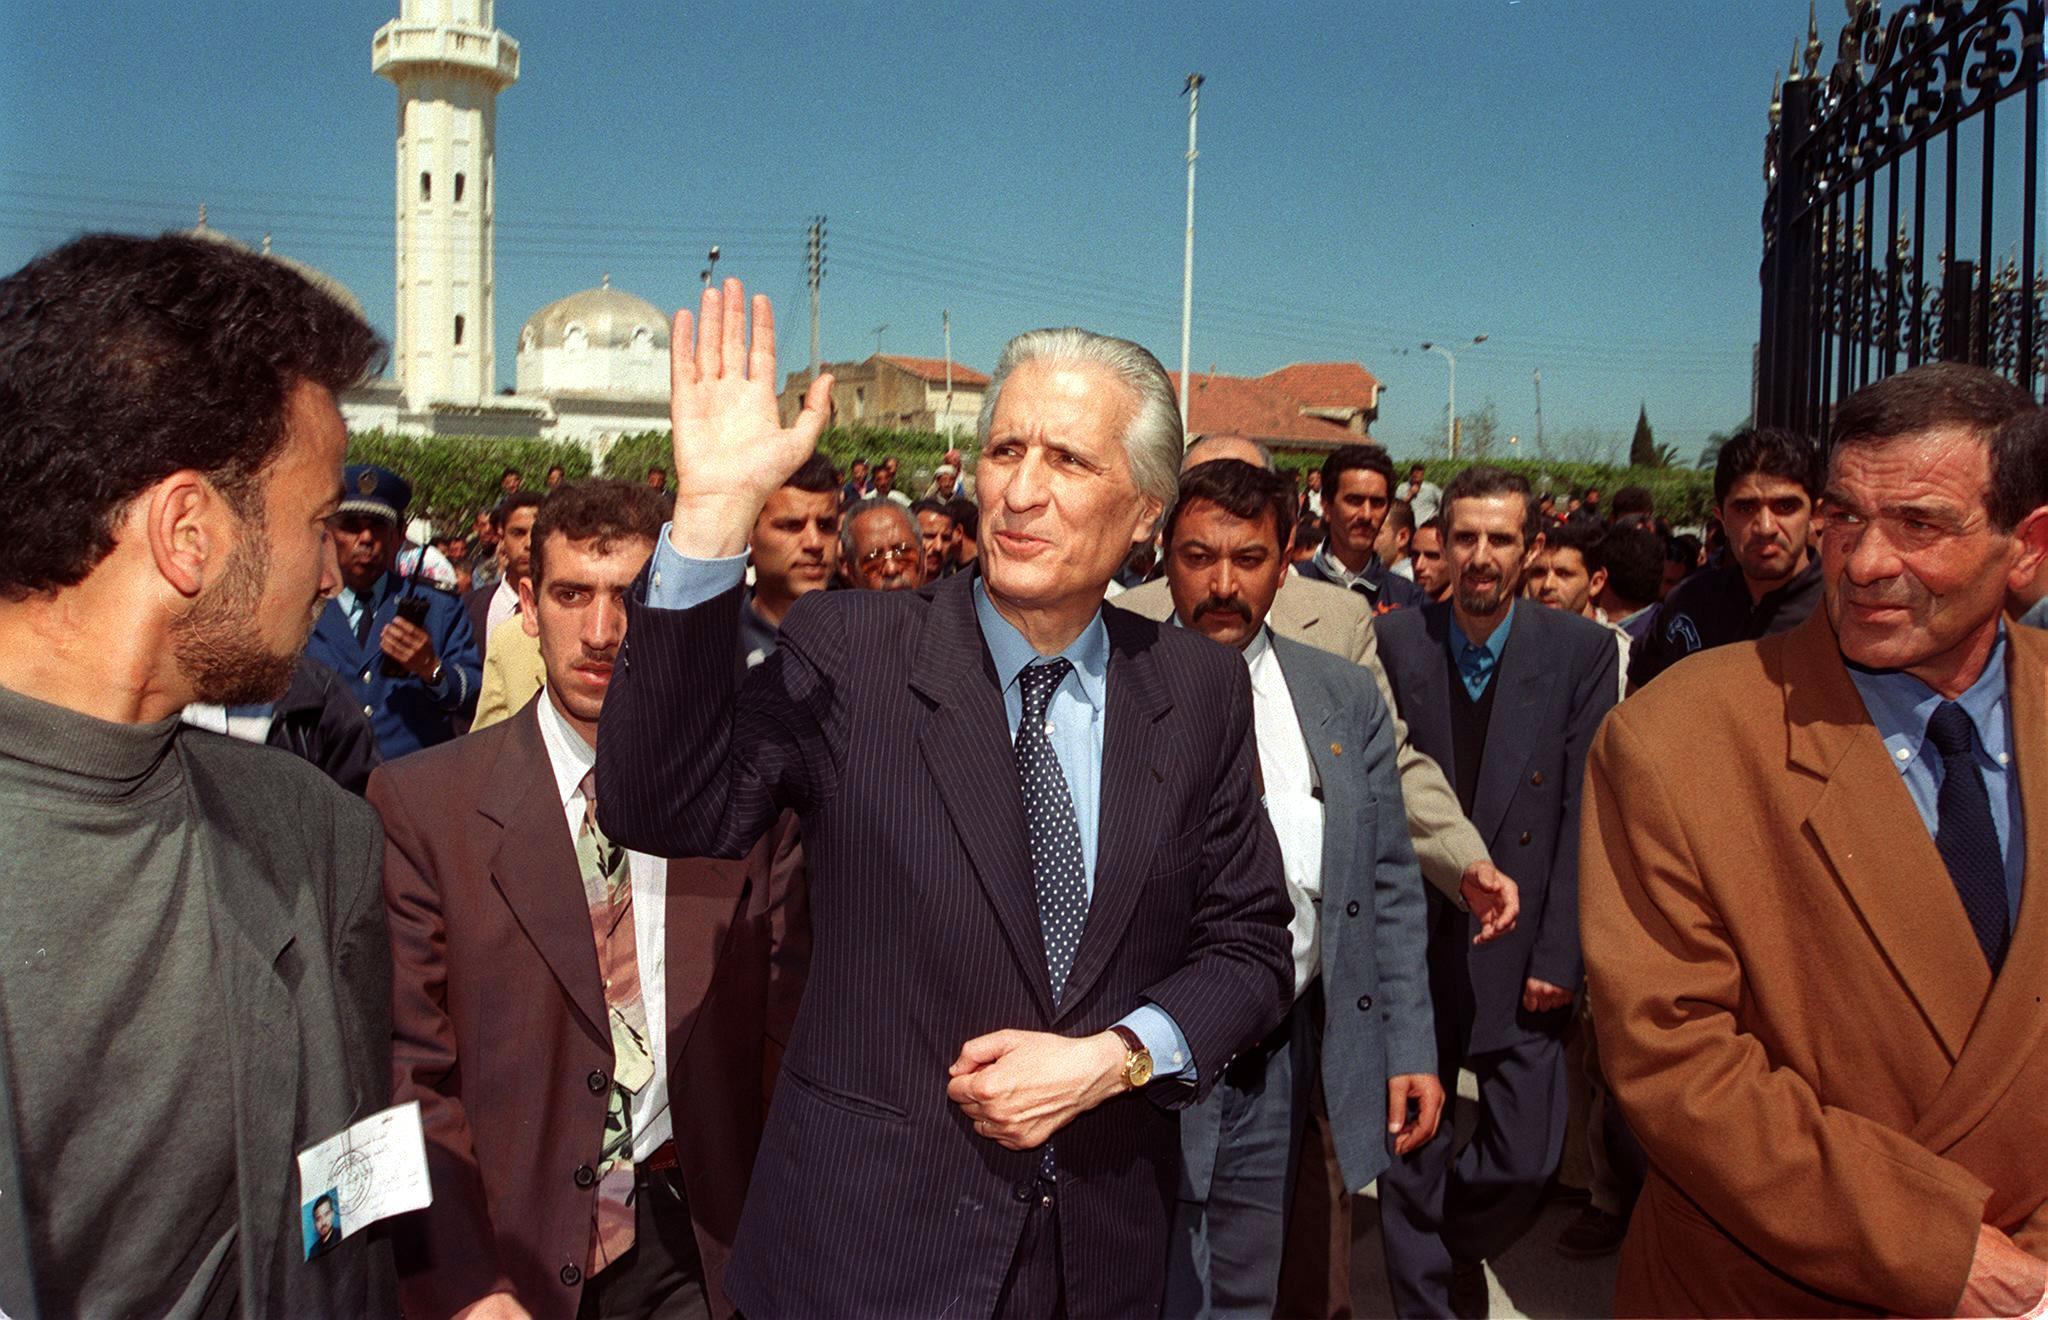 الدكتور أحمد طالب الإبراهيمي خلال الحملة الانتخابية لرئاسيات 1999